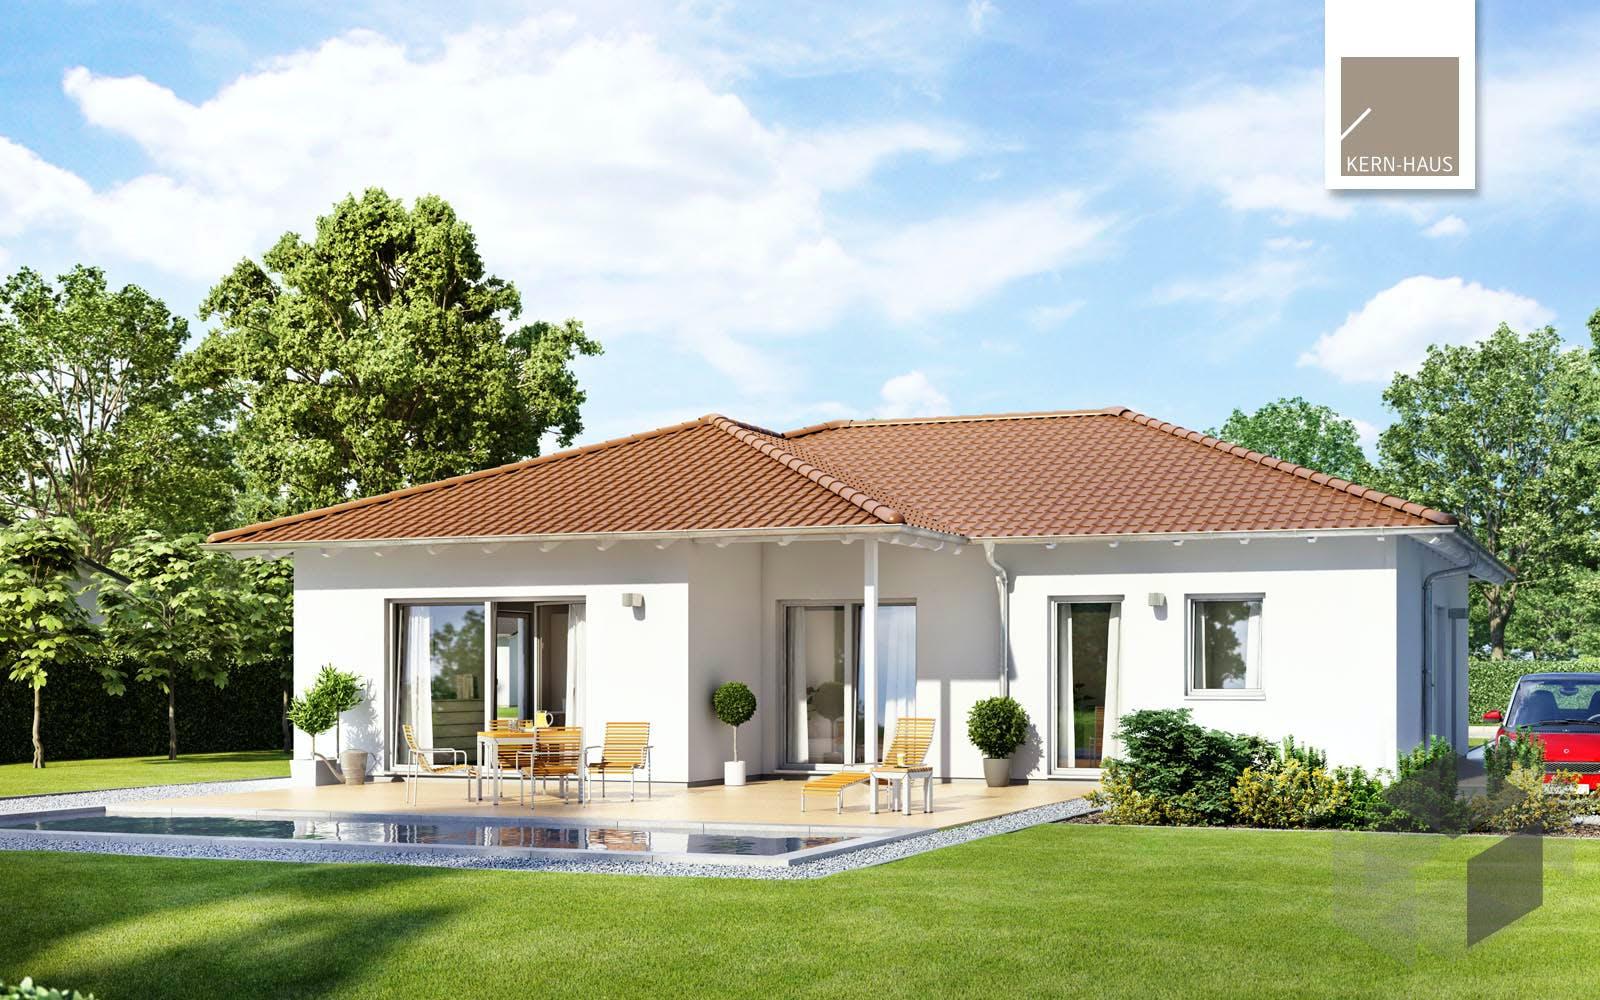 bungalow vita von kern haus komplette daten bersicht. Black Bedroom Furniture Sets. Home Design Ideas